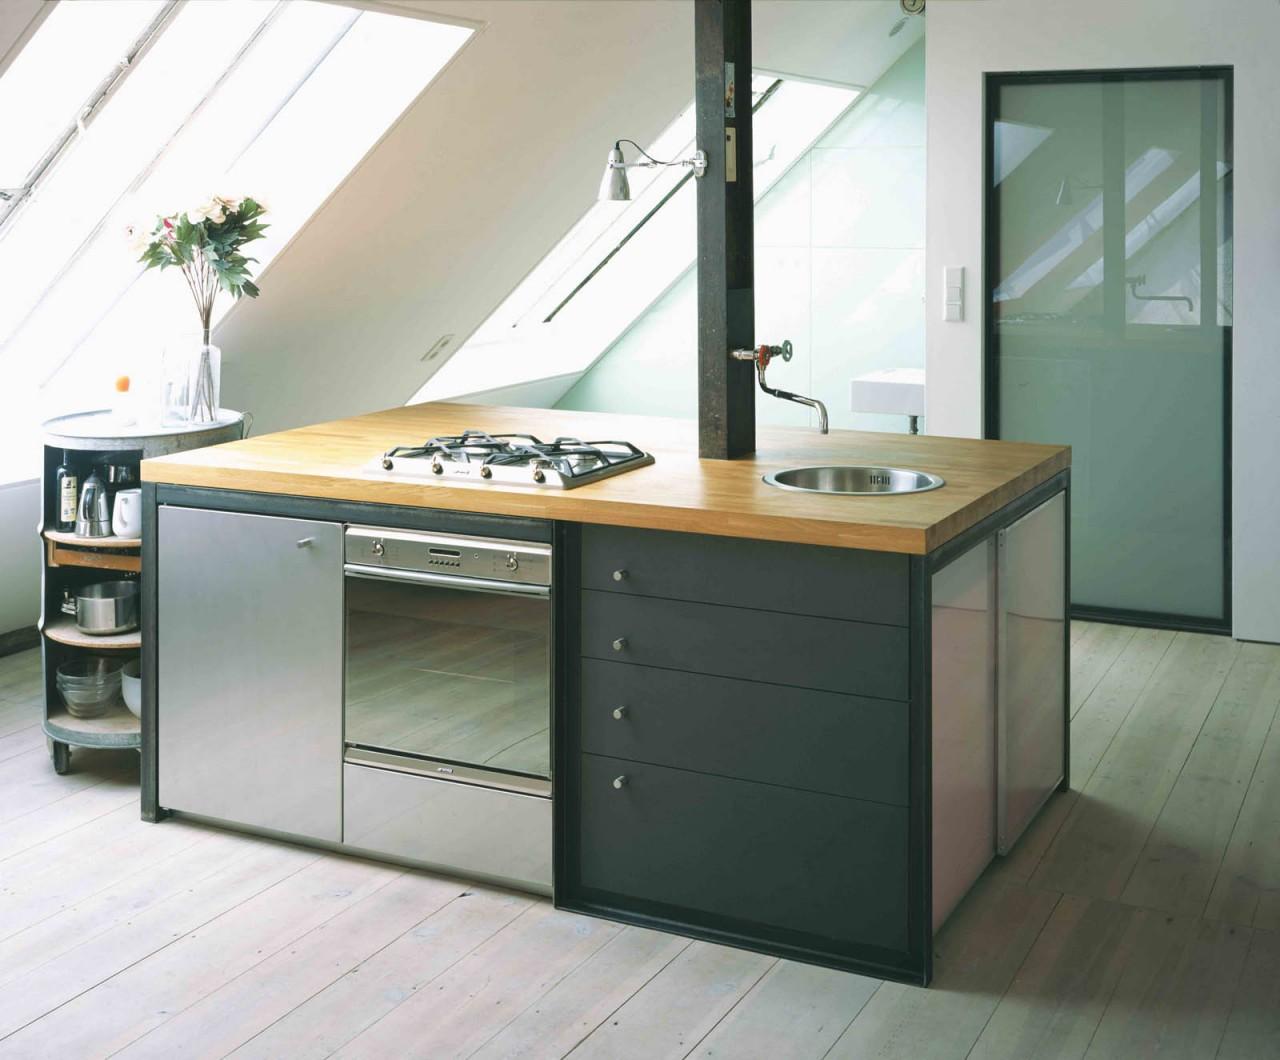 k84 küche_1600